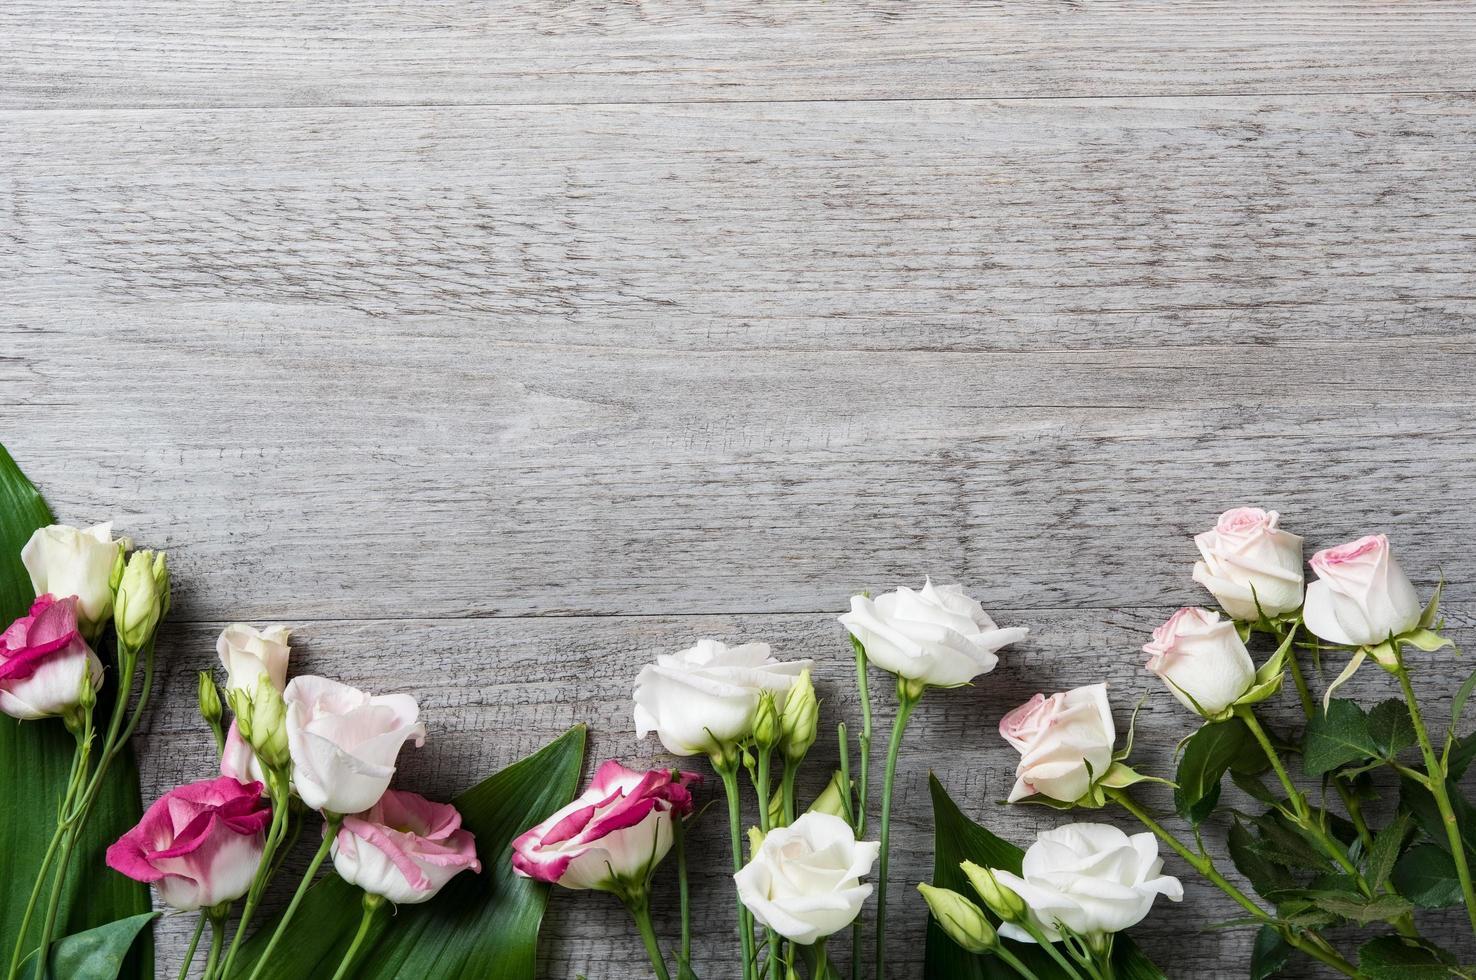 rosor på träbakgrund foto